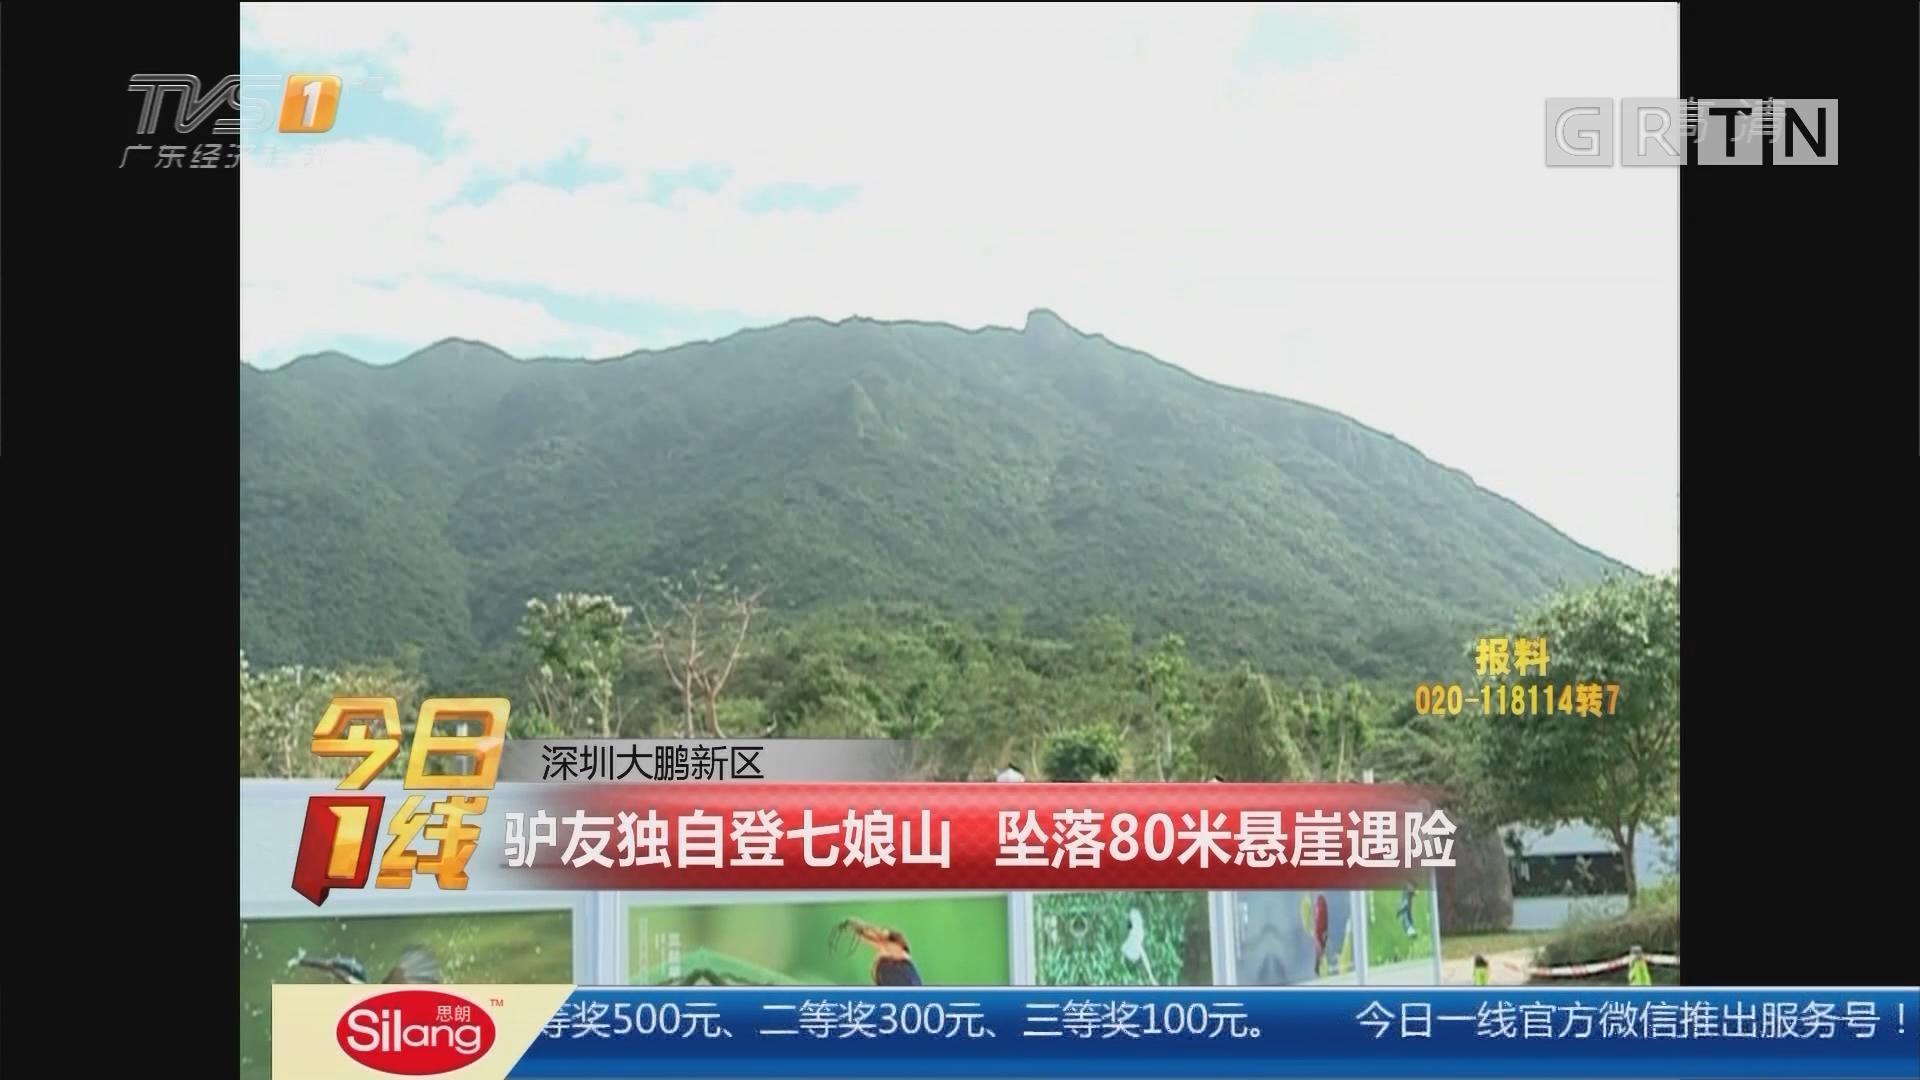 深圳大鹏新区:驴友独自登七娘山 坠落80米悬崖遇险